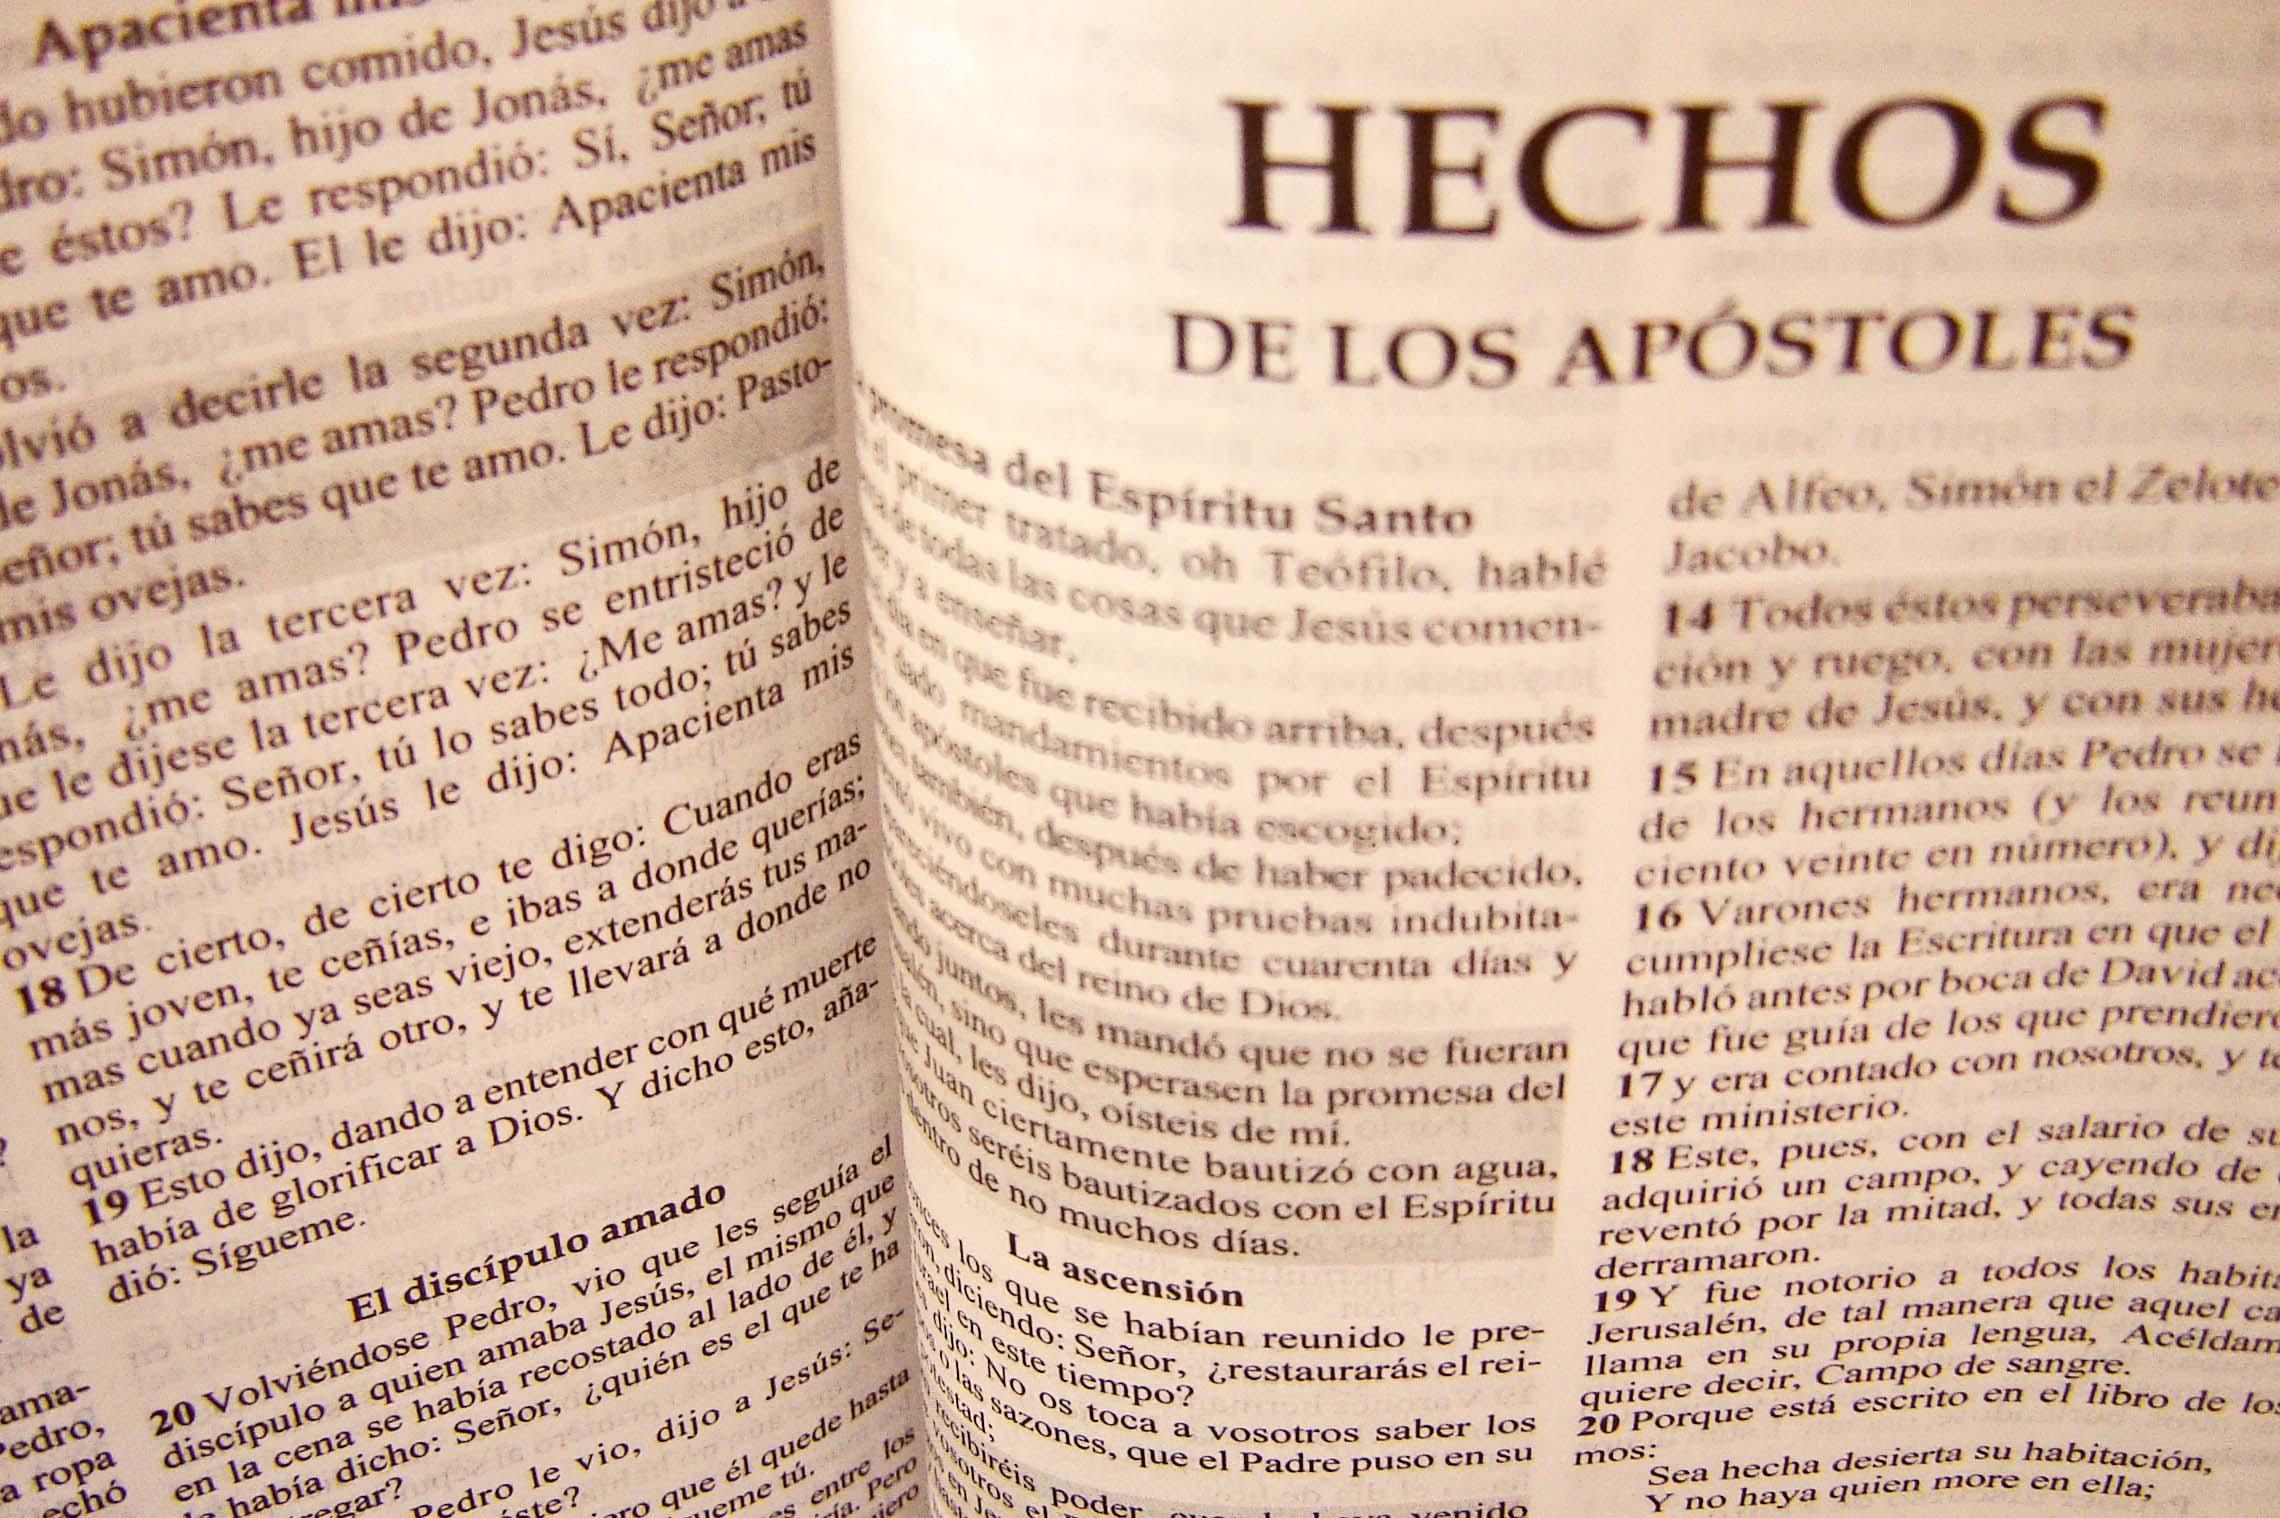 Hechos de los apóstoles - Vida, Esperanza y Verdad